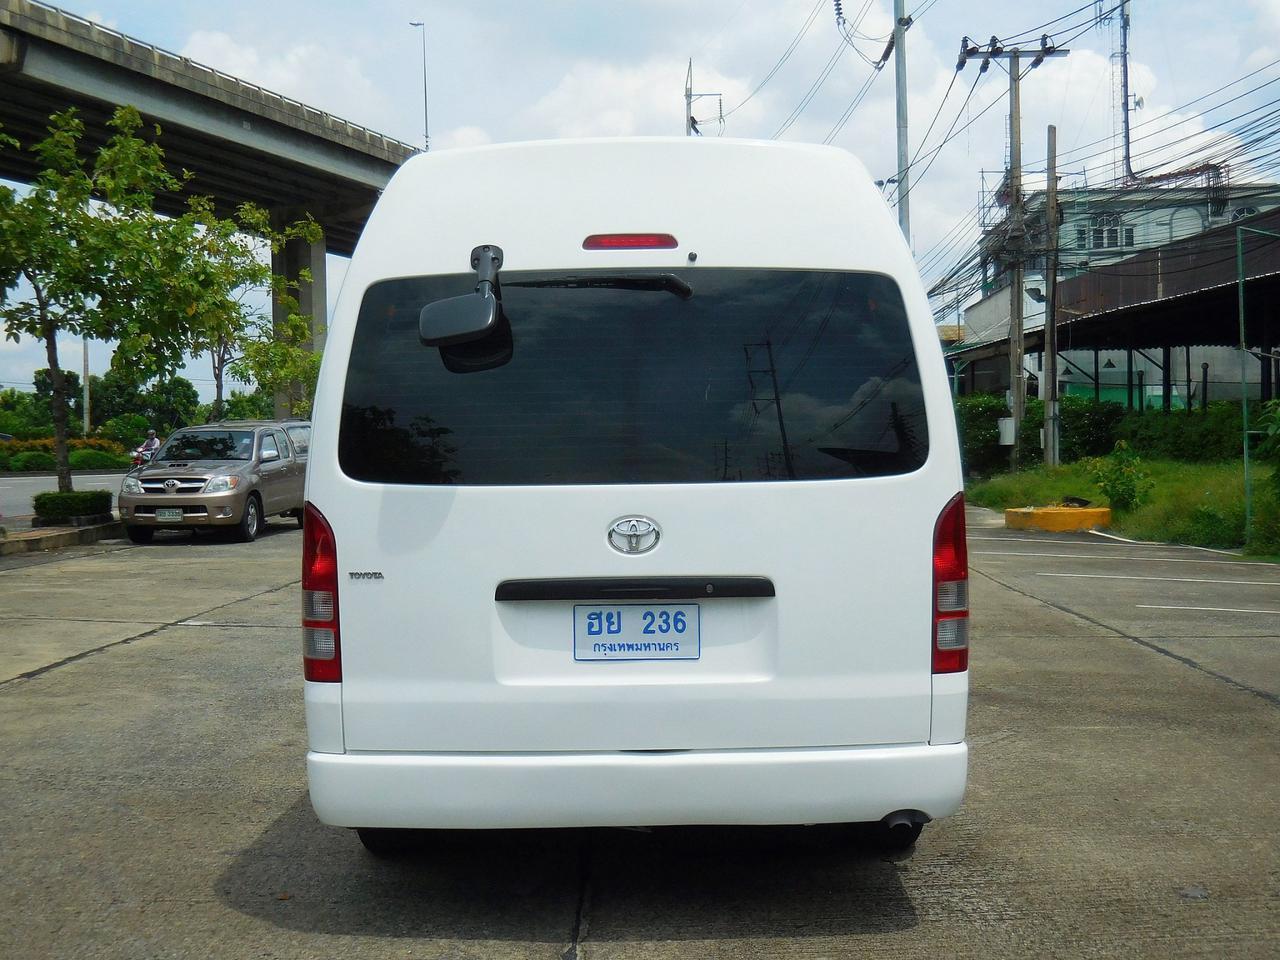 💥 TOYOTA COMMUTER 2.5 D4D 💥 โตโยต้า ปี 2011 กระจกไฟฟ้าเบาะหนังแต่ง VIP 5 แถวรถสวย รถตู้มือสอง แต่ง พร้อมใช้งาน รูปที่ 3